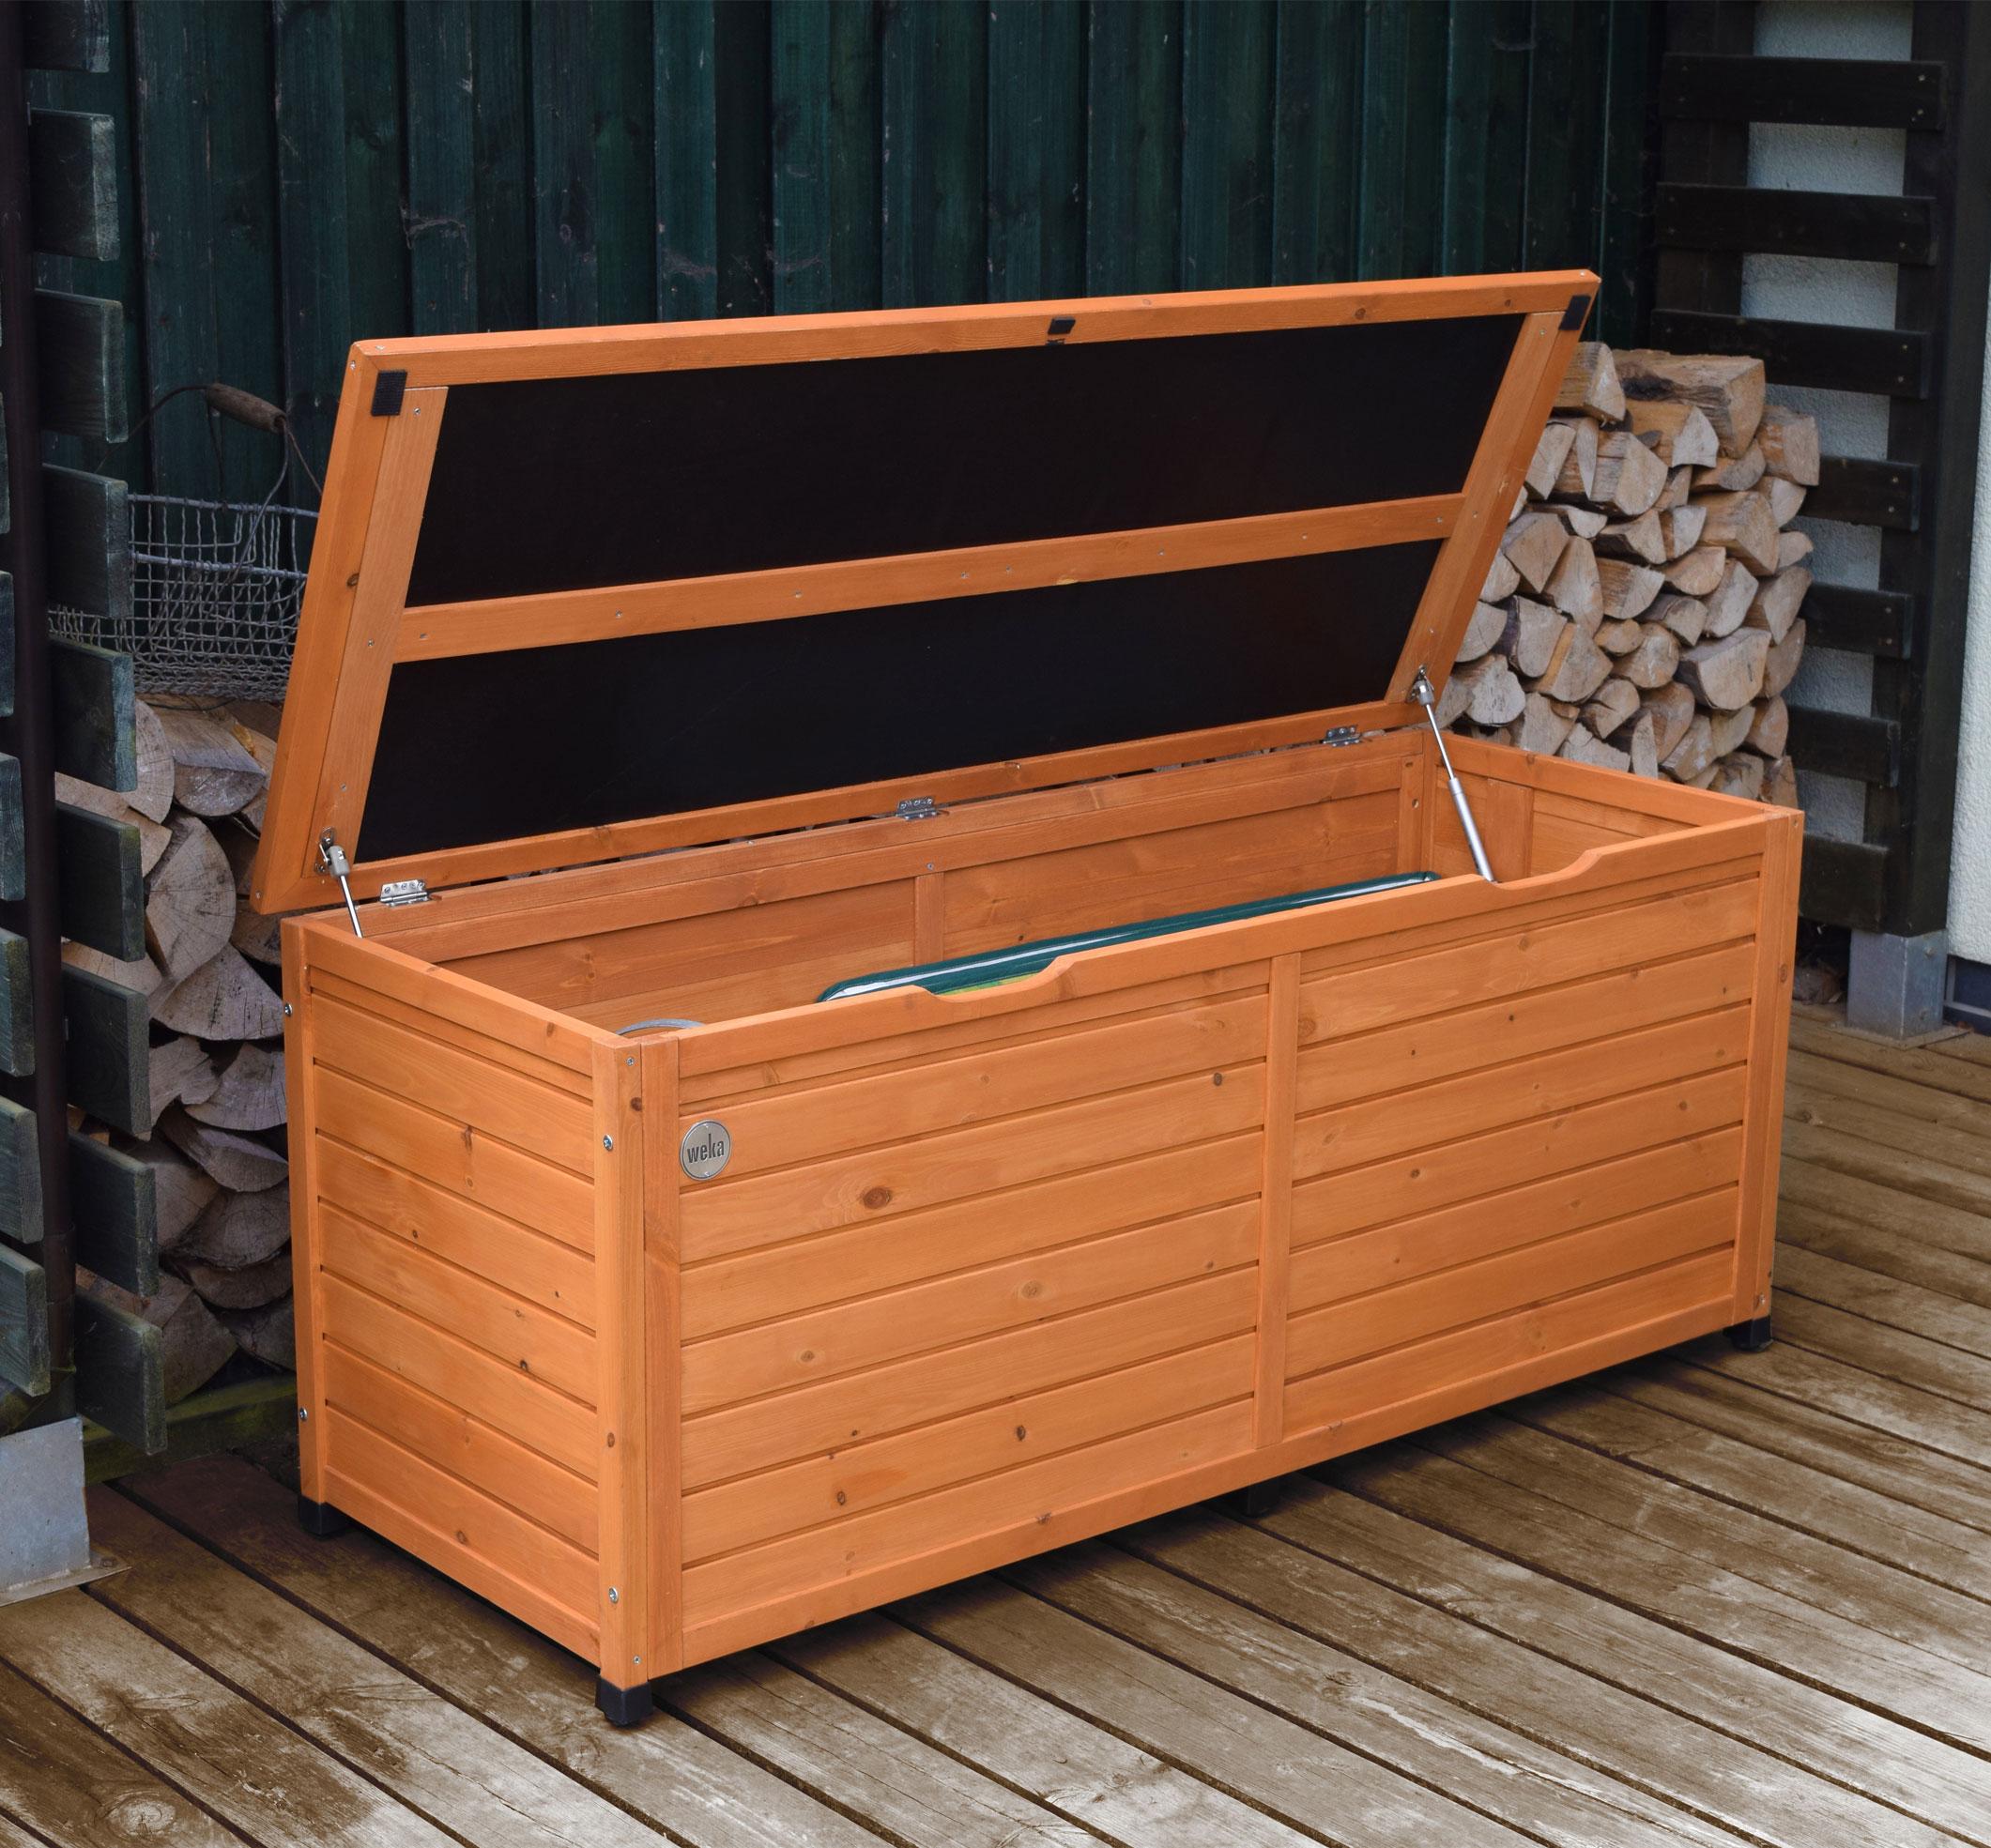 Gartentruhe / Gartenbox / Terrassentruhe Weka Fichte 150x56cm Bild 1